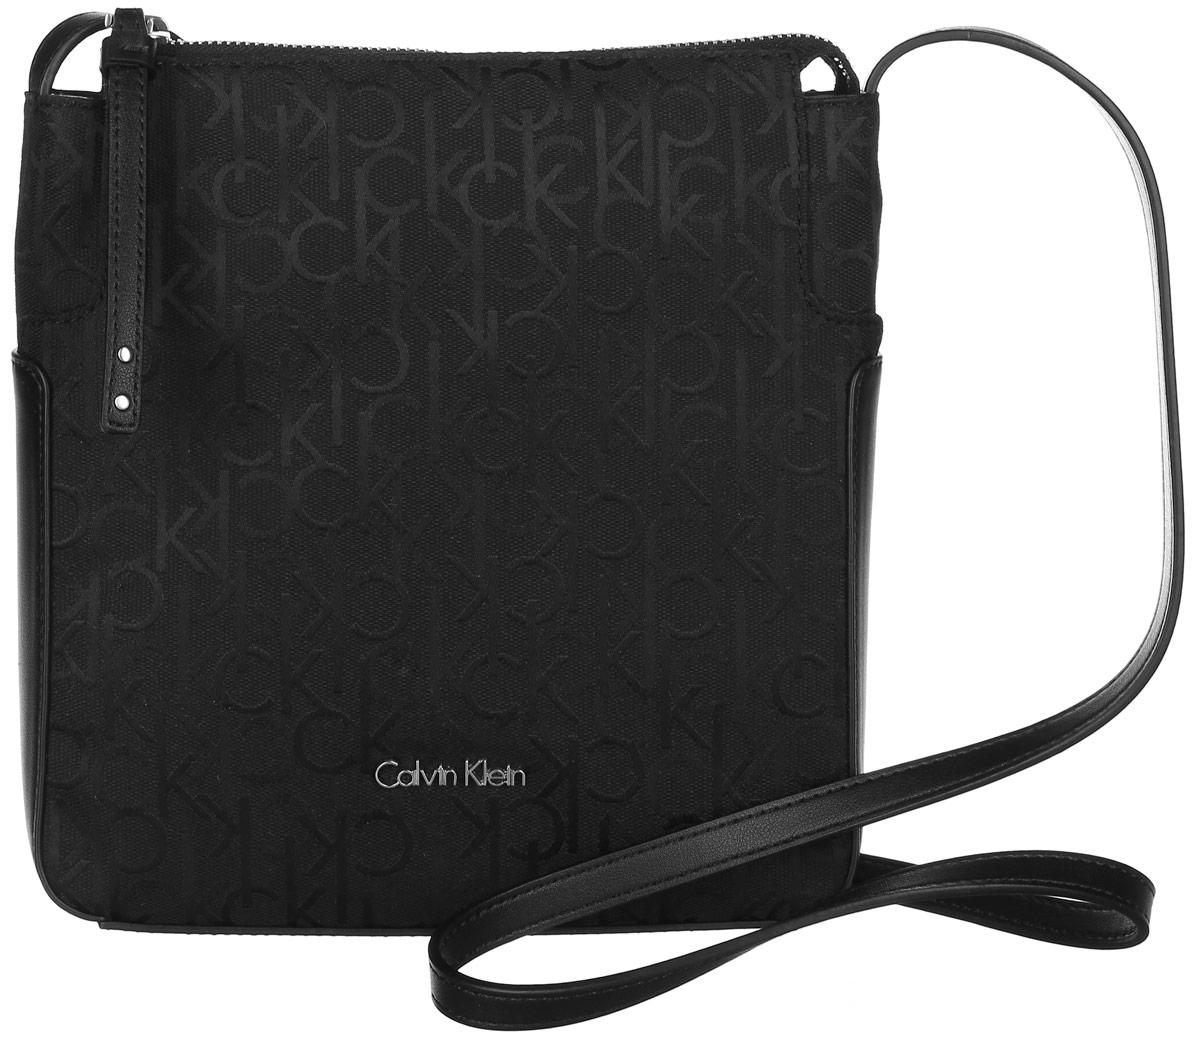 Сумка женская Calvin Klein Jeans, цвет: черный. K60K602236_0010K60K602236_0010Стильная сумка Calvin Klein не оставит вас равнодушной благодаря своему дизайну и практичности. Она изготовлена из качественного хлопка с элементами из искусственной кожи и оформлена фирменным принтом. Лицевая часть оформлена металлической пластинкой с названием бренда. Сумка оснащена удобным плечевым ремнем, длина которого регулируется с помощью пряжки. Изделие закрывается на удобную молнию. Внутри расположено главное отделение, которое содержит открытый накладной карман для мелочей. Такая удобная и модная сумка станет незаменимой вещью в вашем гардеробе.